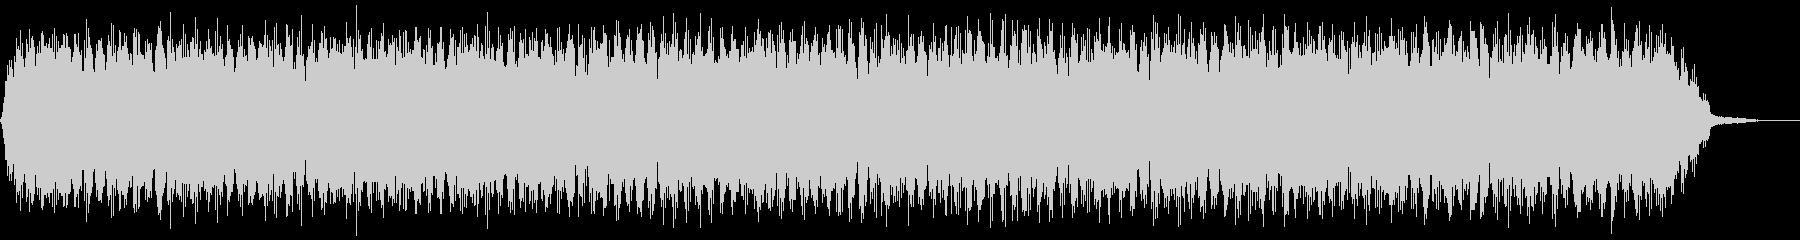 【アンビエント】ドローン_39 実験音の未再生の波形